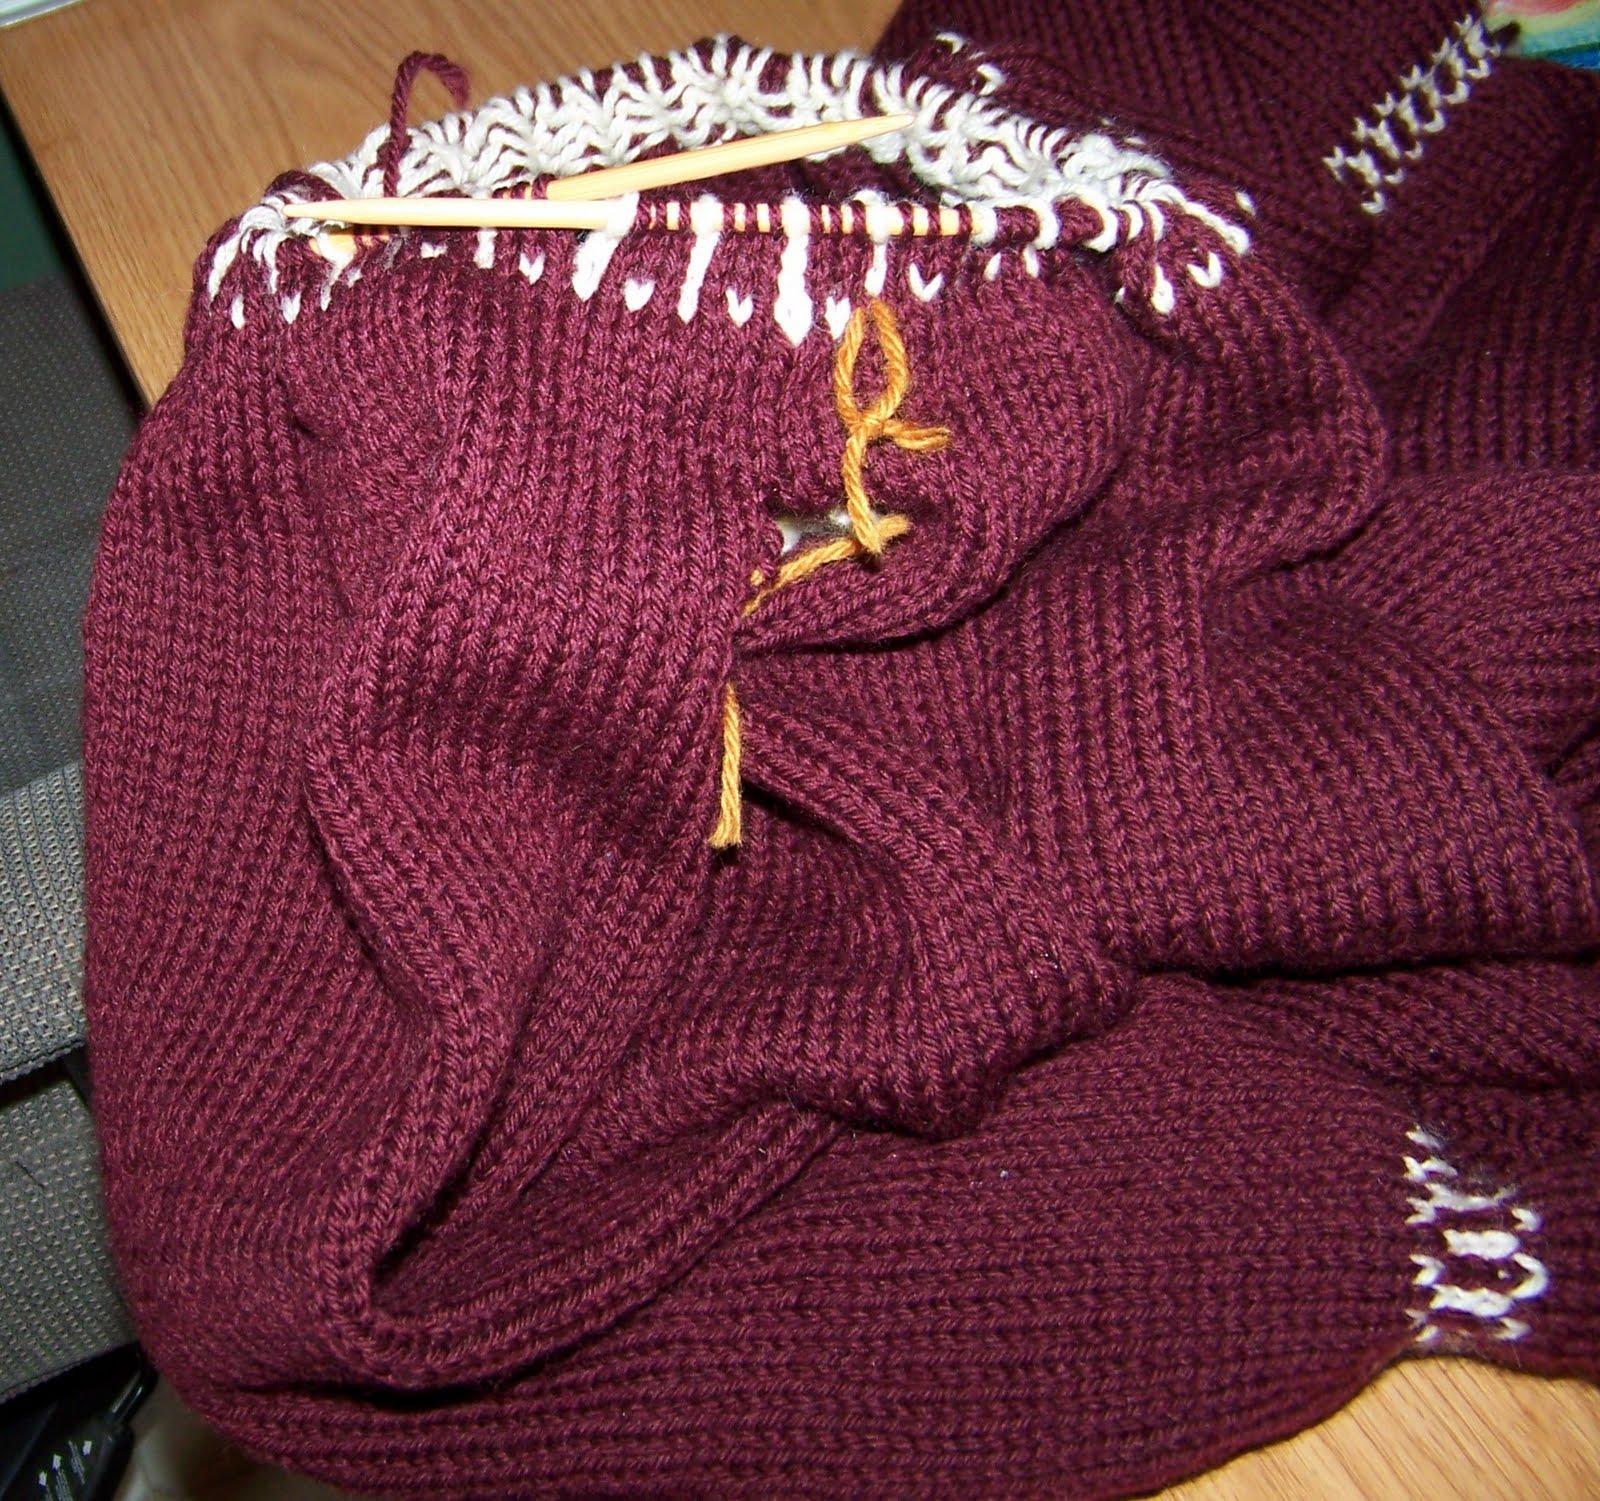 Yoke Knitting Pattern : Swirl Yoke Knitting Pattern